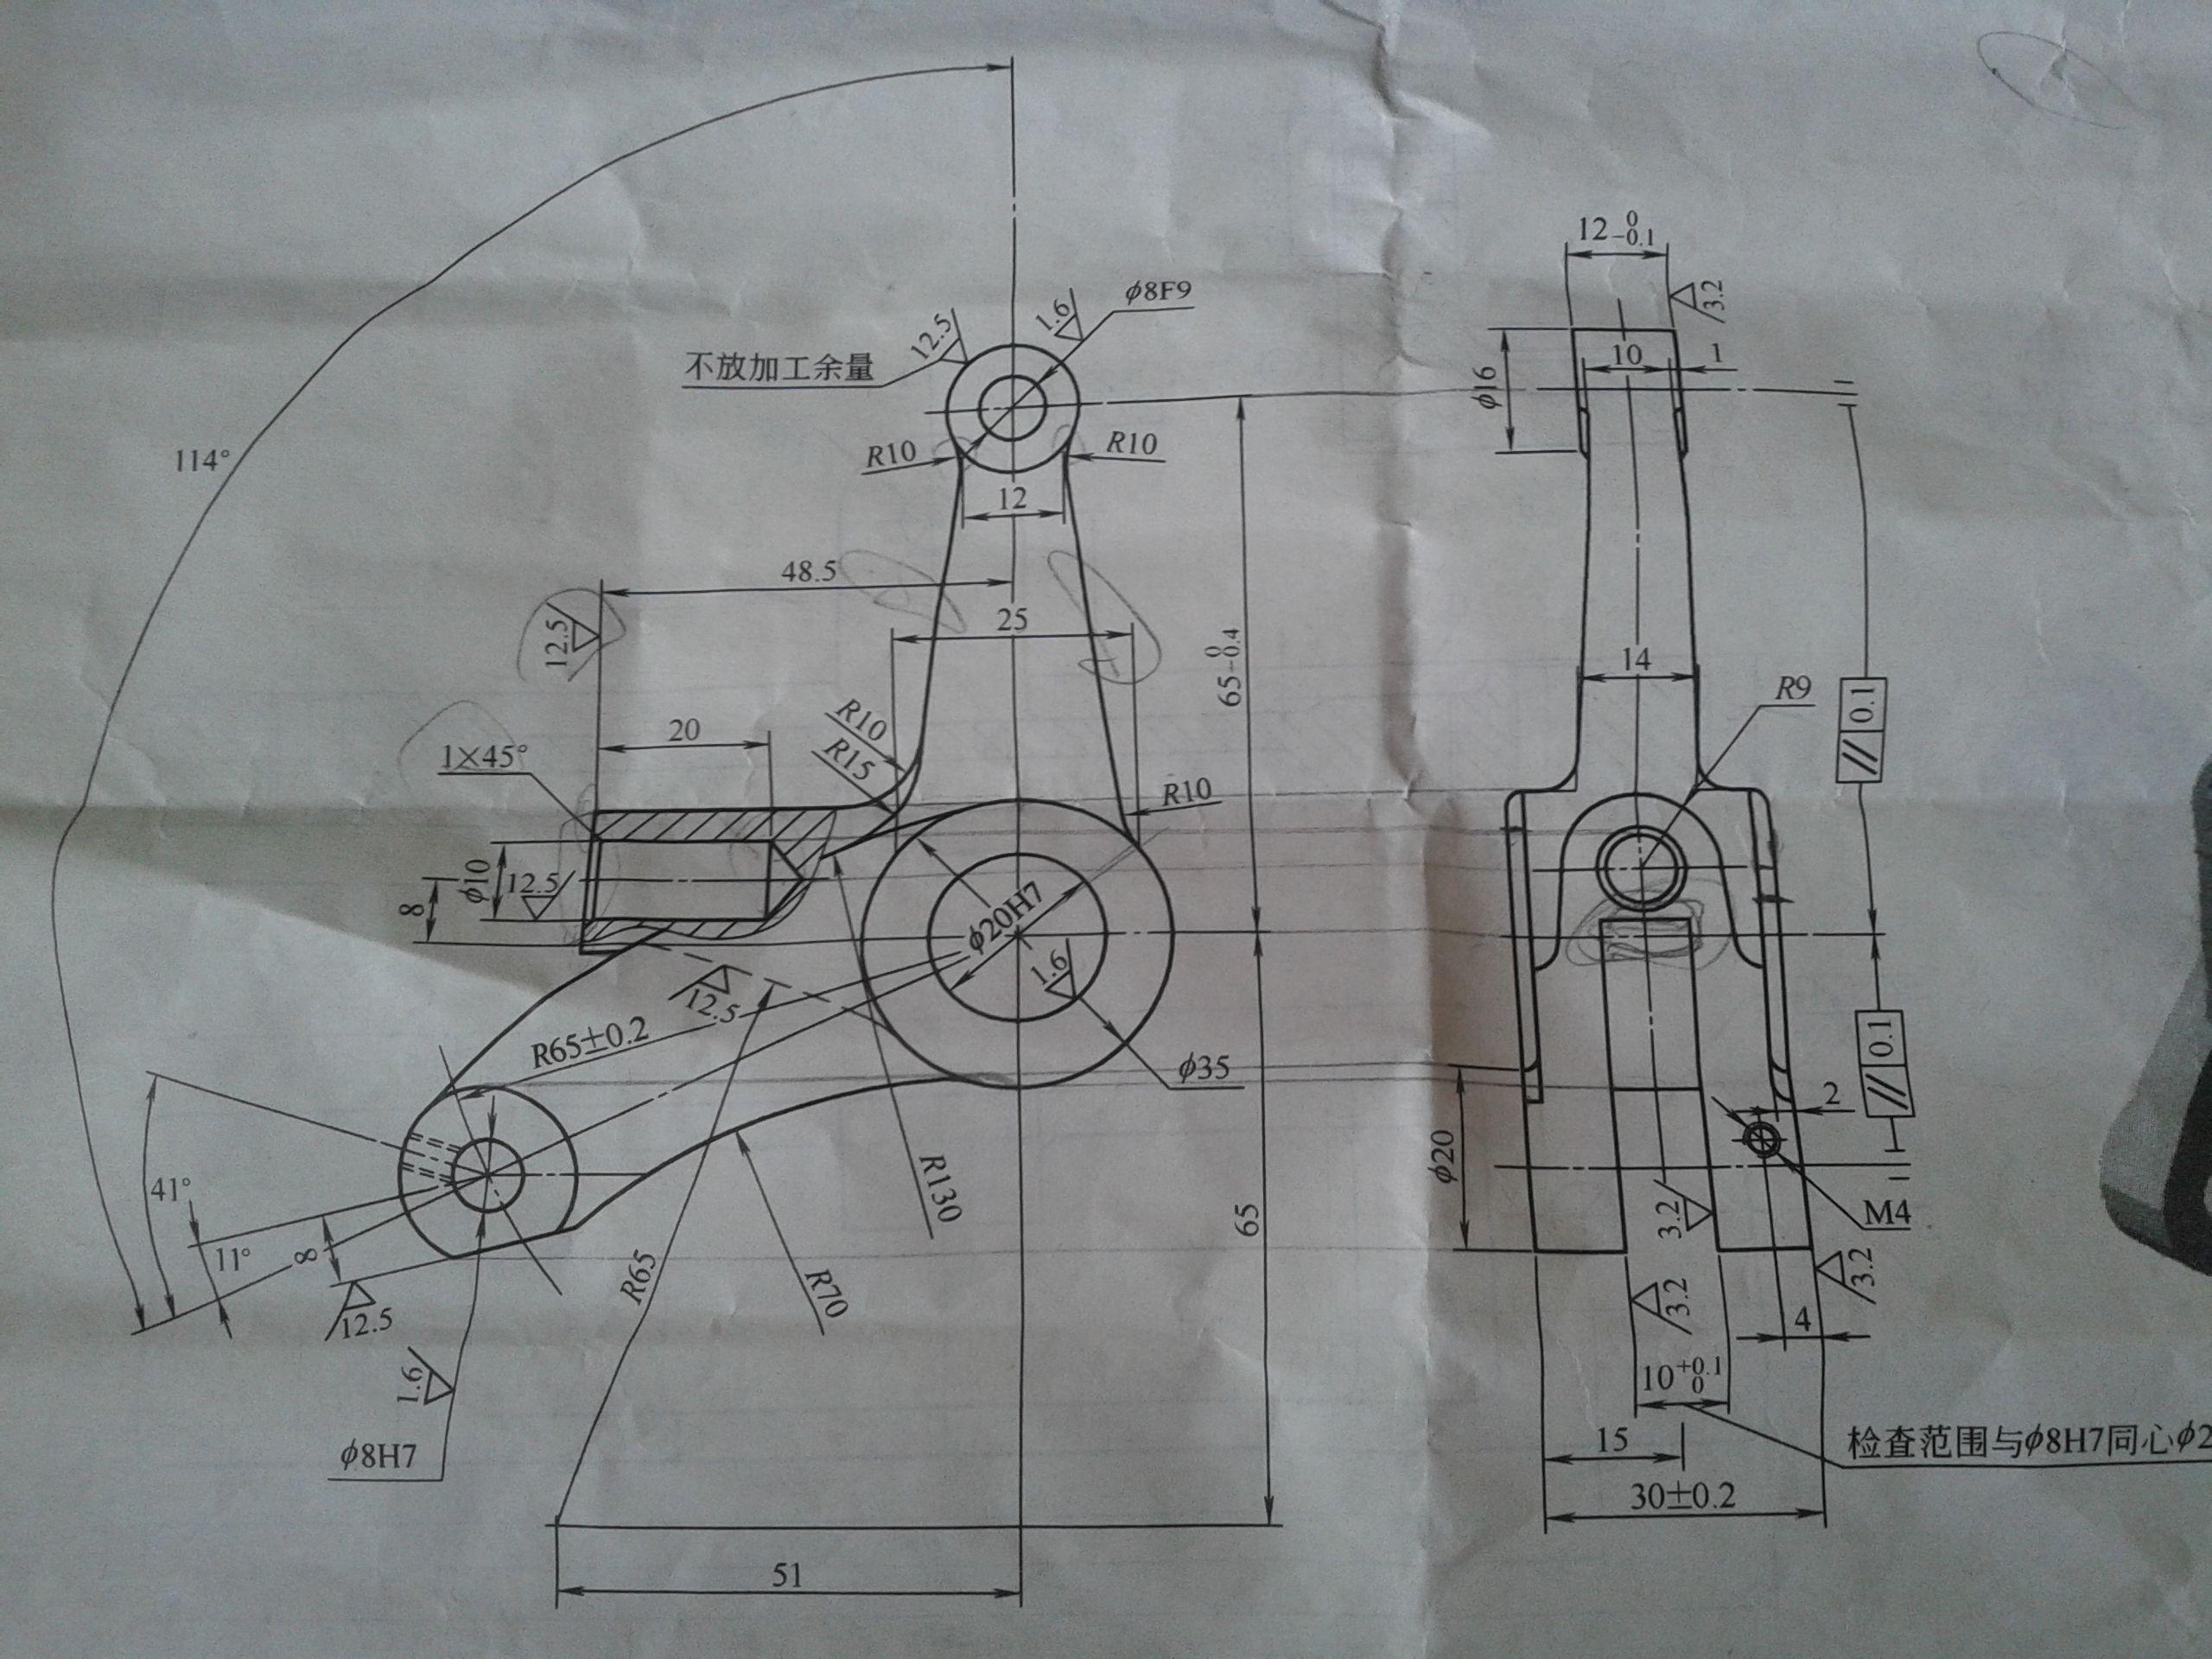 机械加工图纸里的 knife holder 1145mm crop & cobble shear 是什么图片